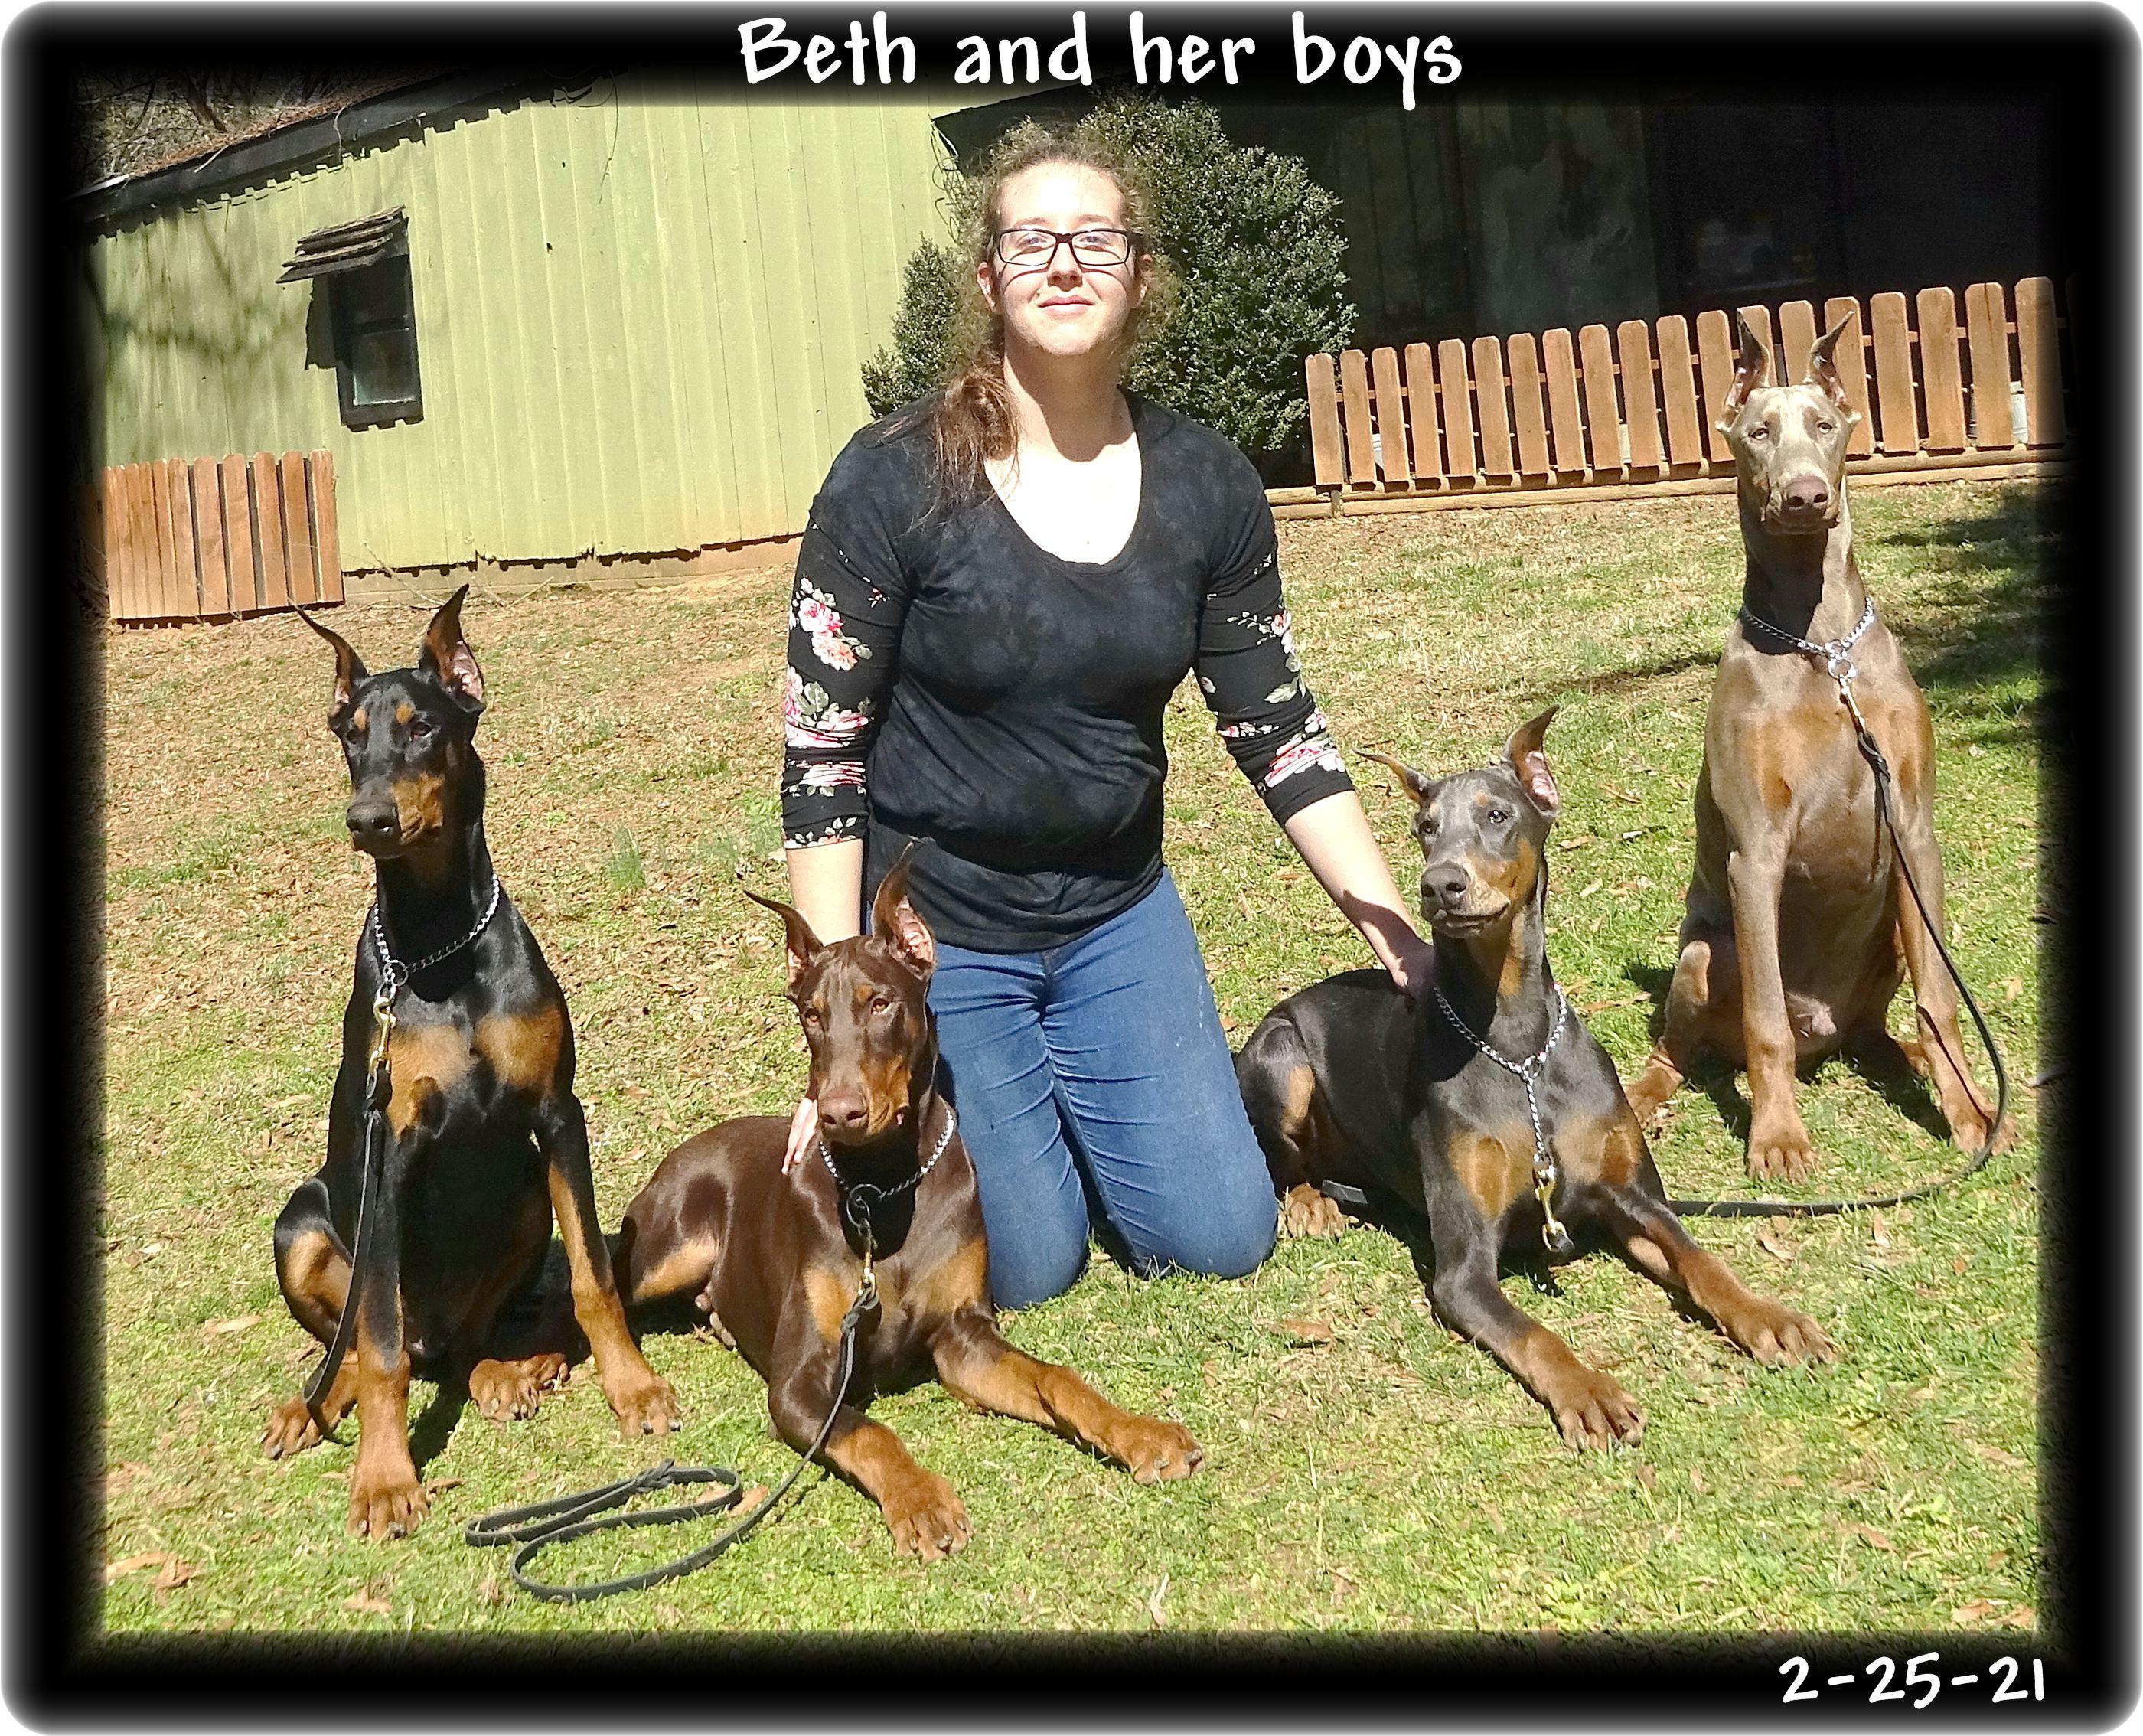 shelby-ash-kids-with-their-teacher-beth-2-25-21-030.jpg